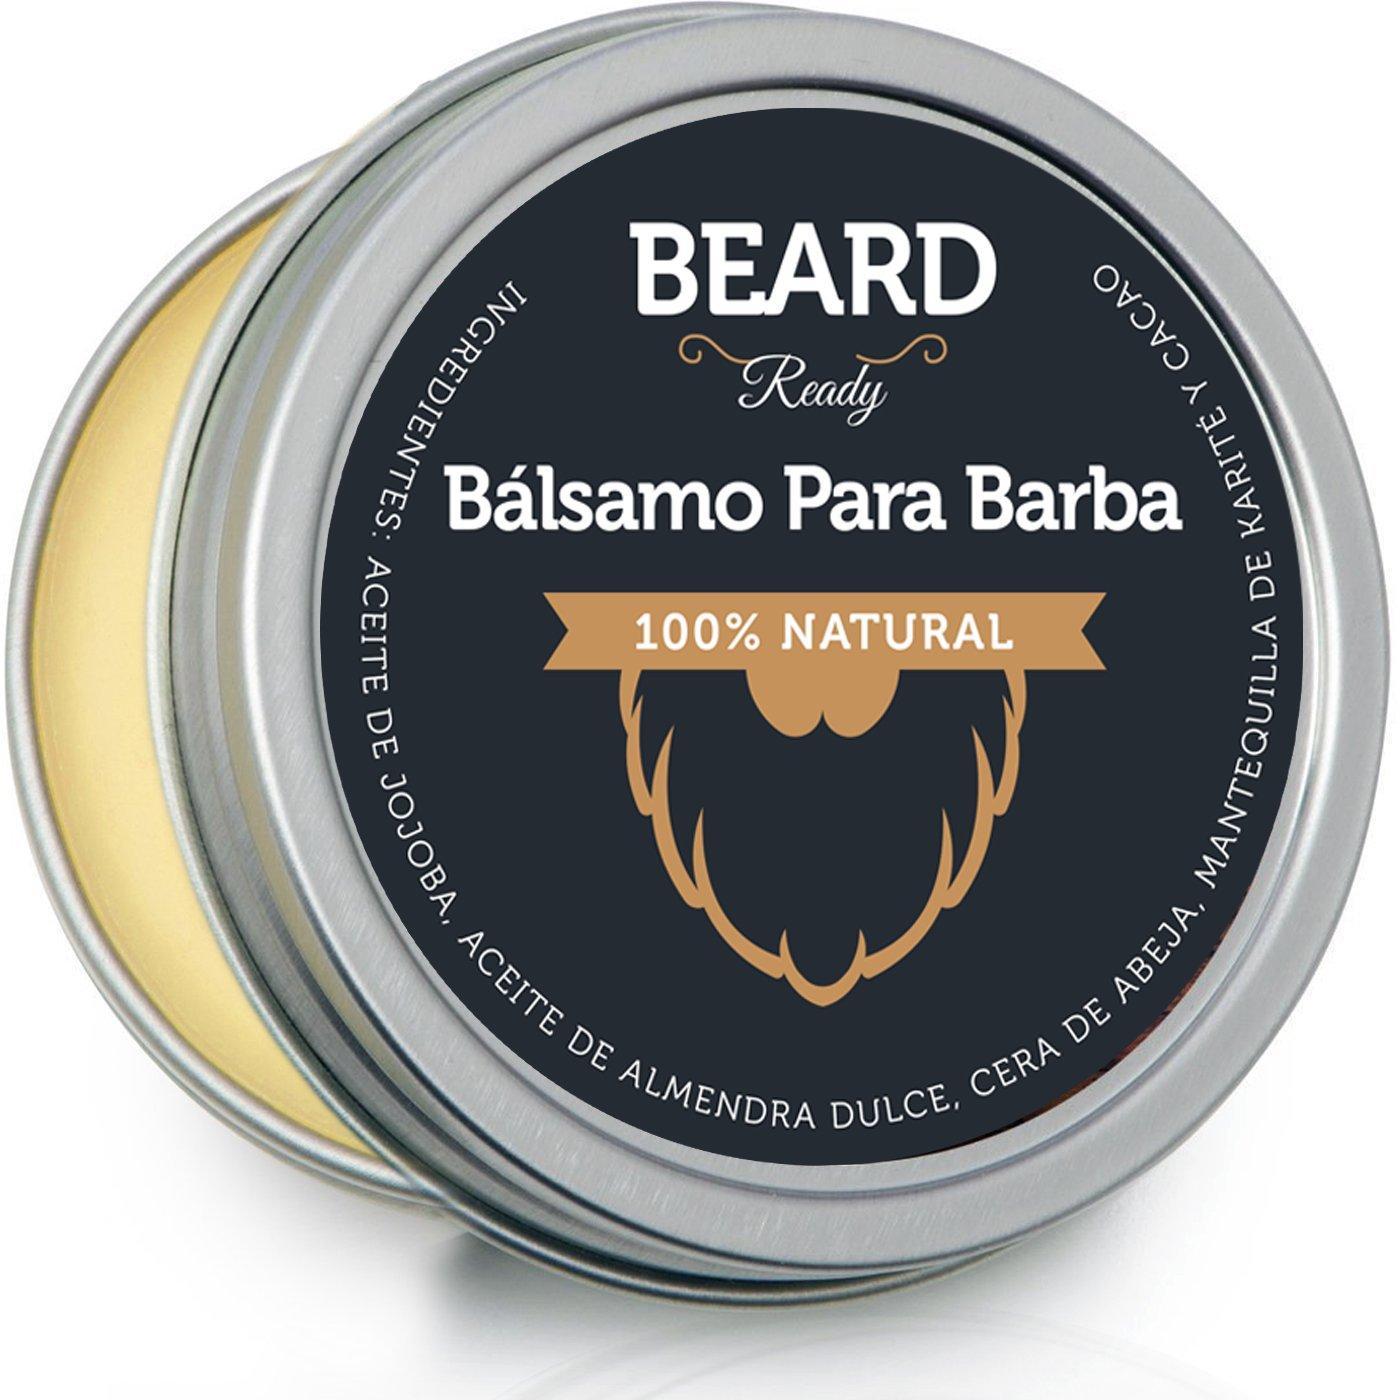 Cremas para Hacer Crecer La Barba 100% Natural - Crecimiento De La Barba Y Vello 1